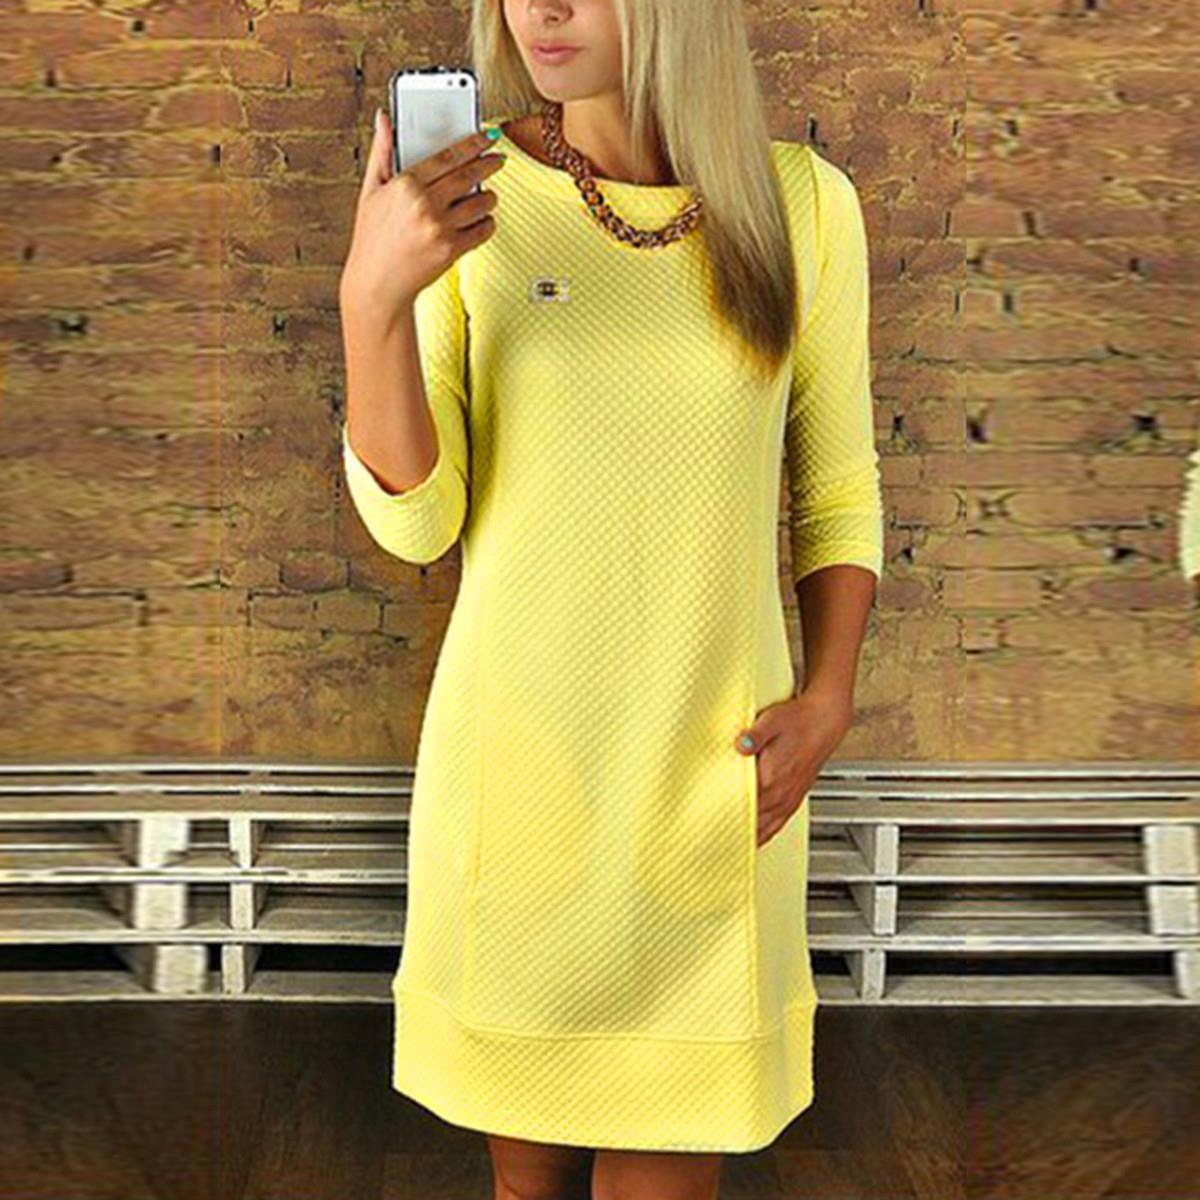 großhandel hot sale 2016 frauen a linie kleid damen herbst winter  beiläufige feste midi kleider langarm o ansatz taschen knielangen vestidos  von